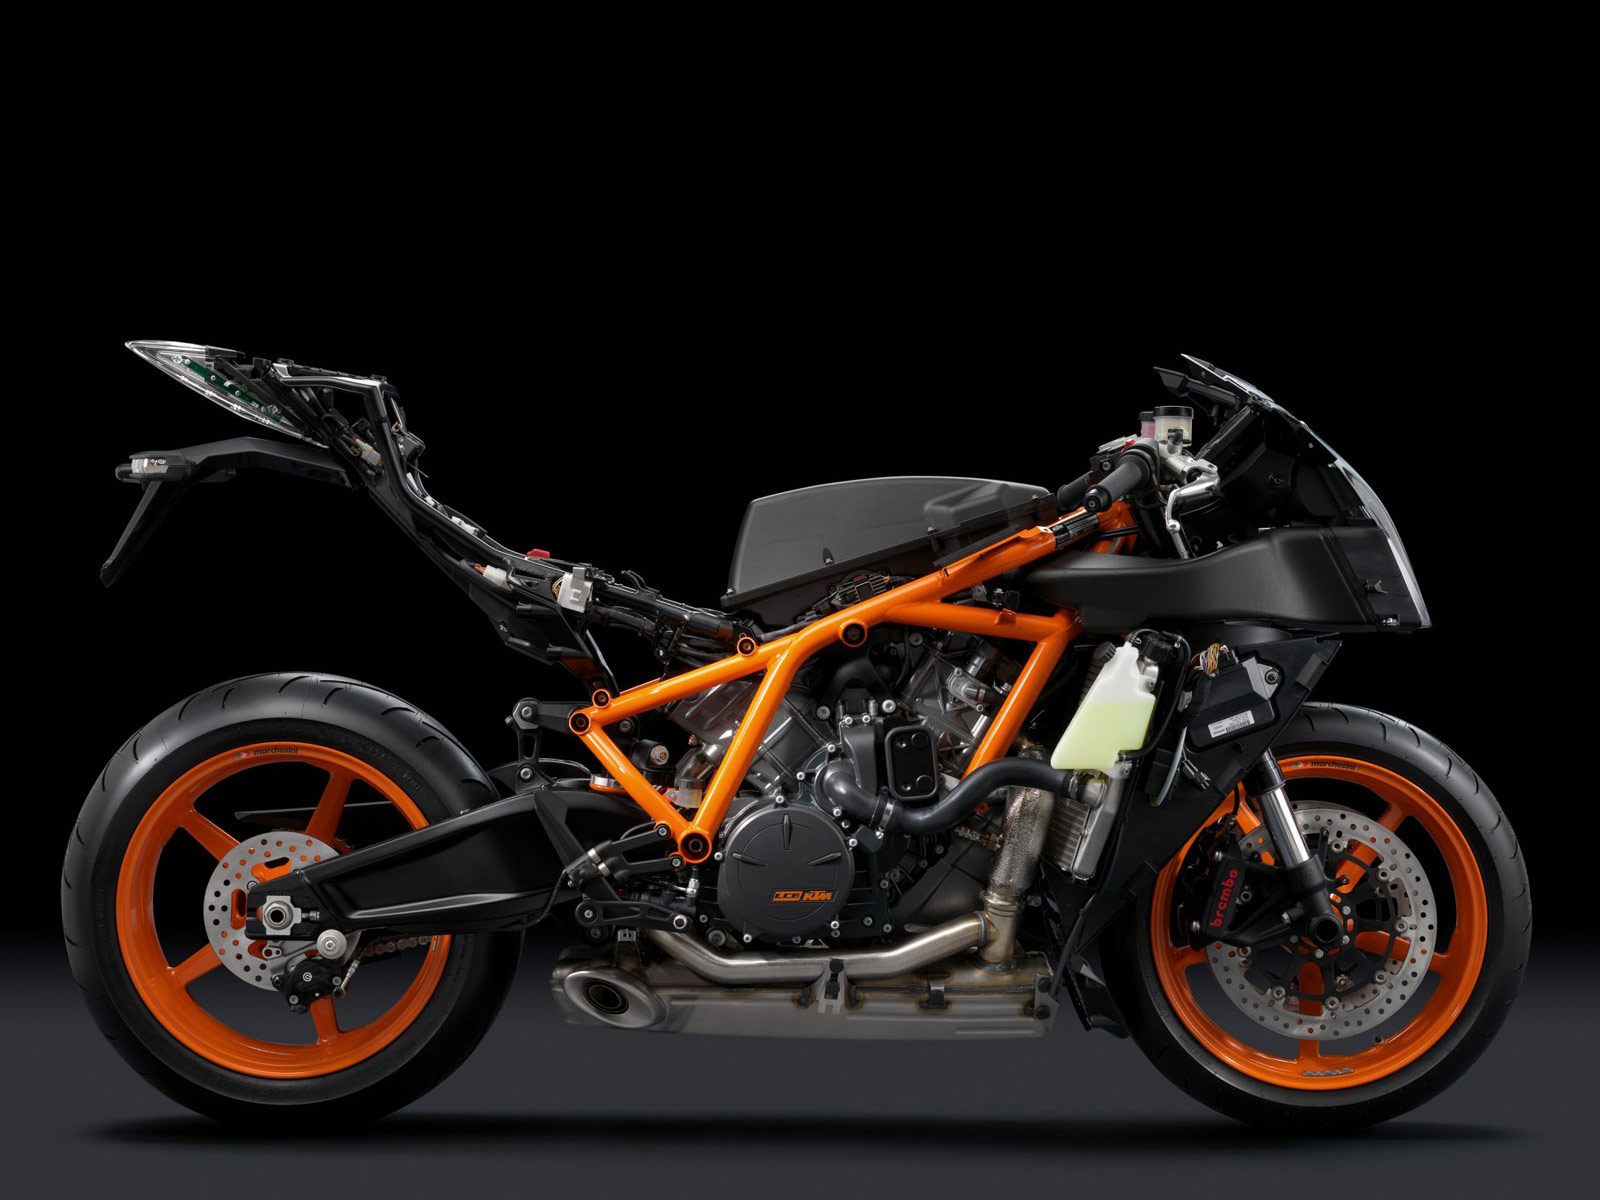 2011 KTM 1190 RC8R motorcycle desktop wallpaper 4jpg 1600x1200